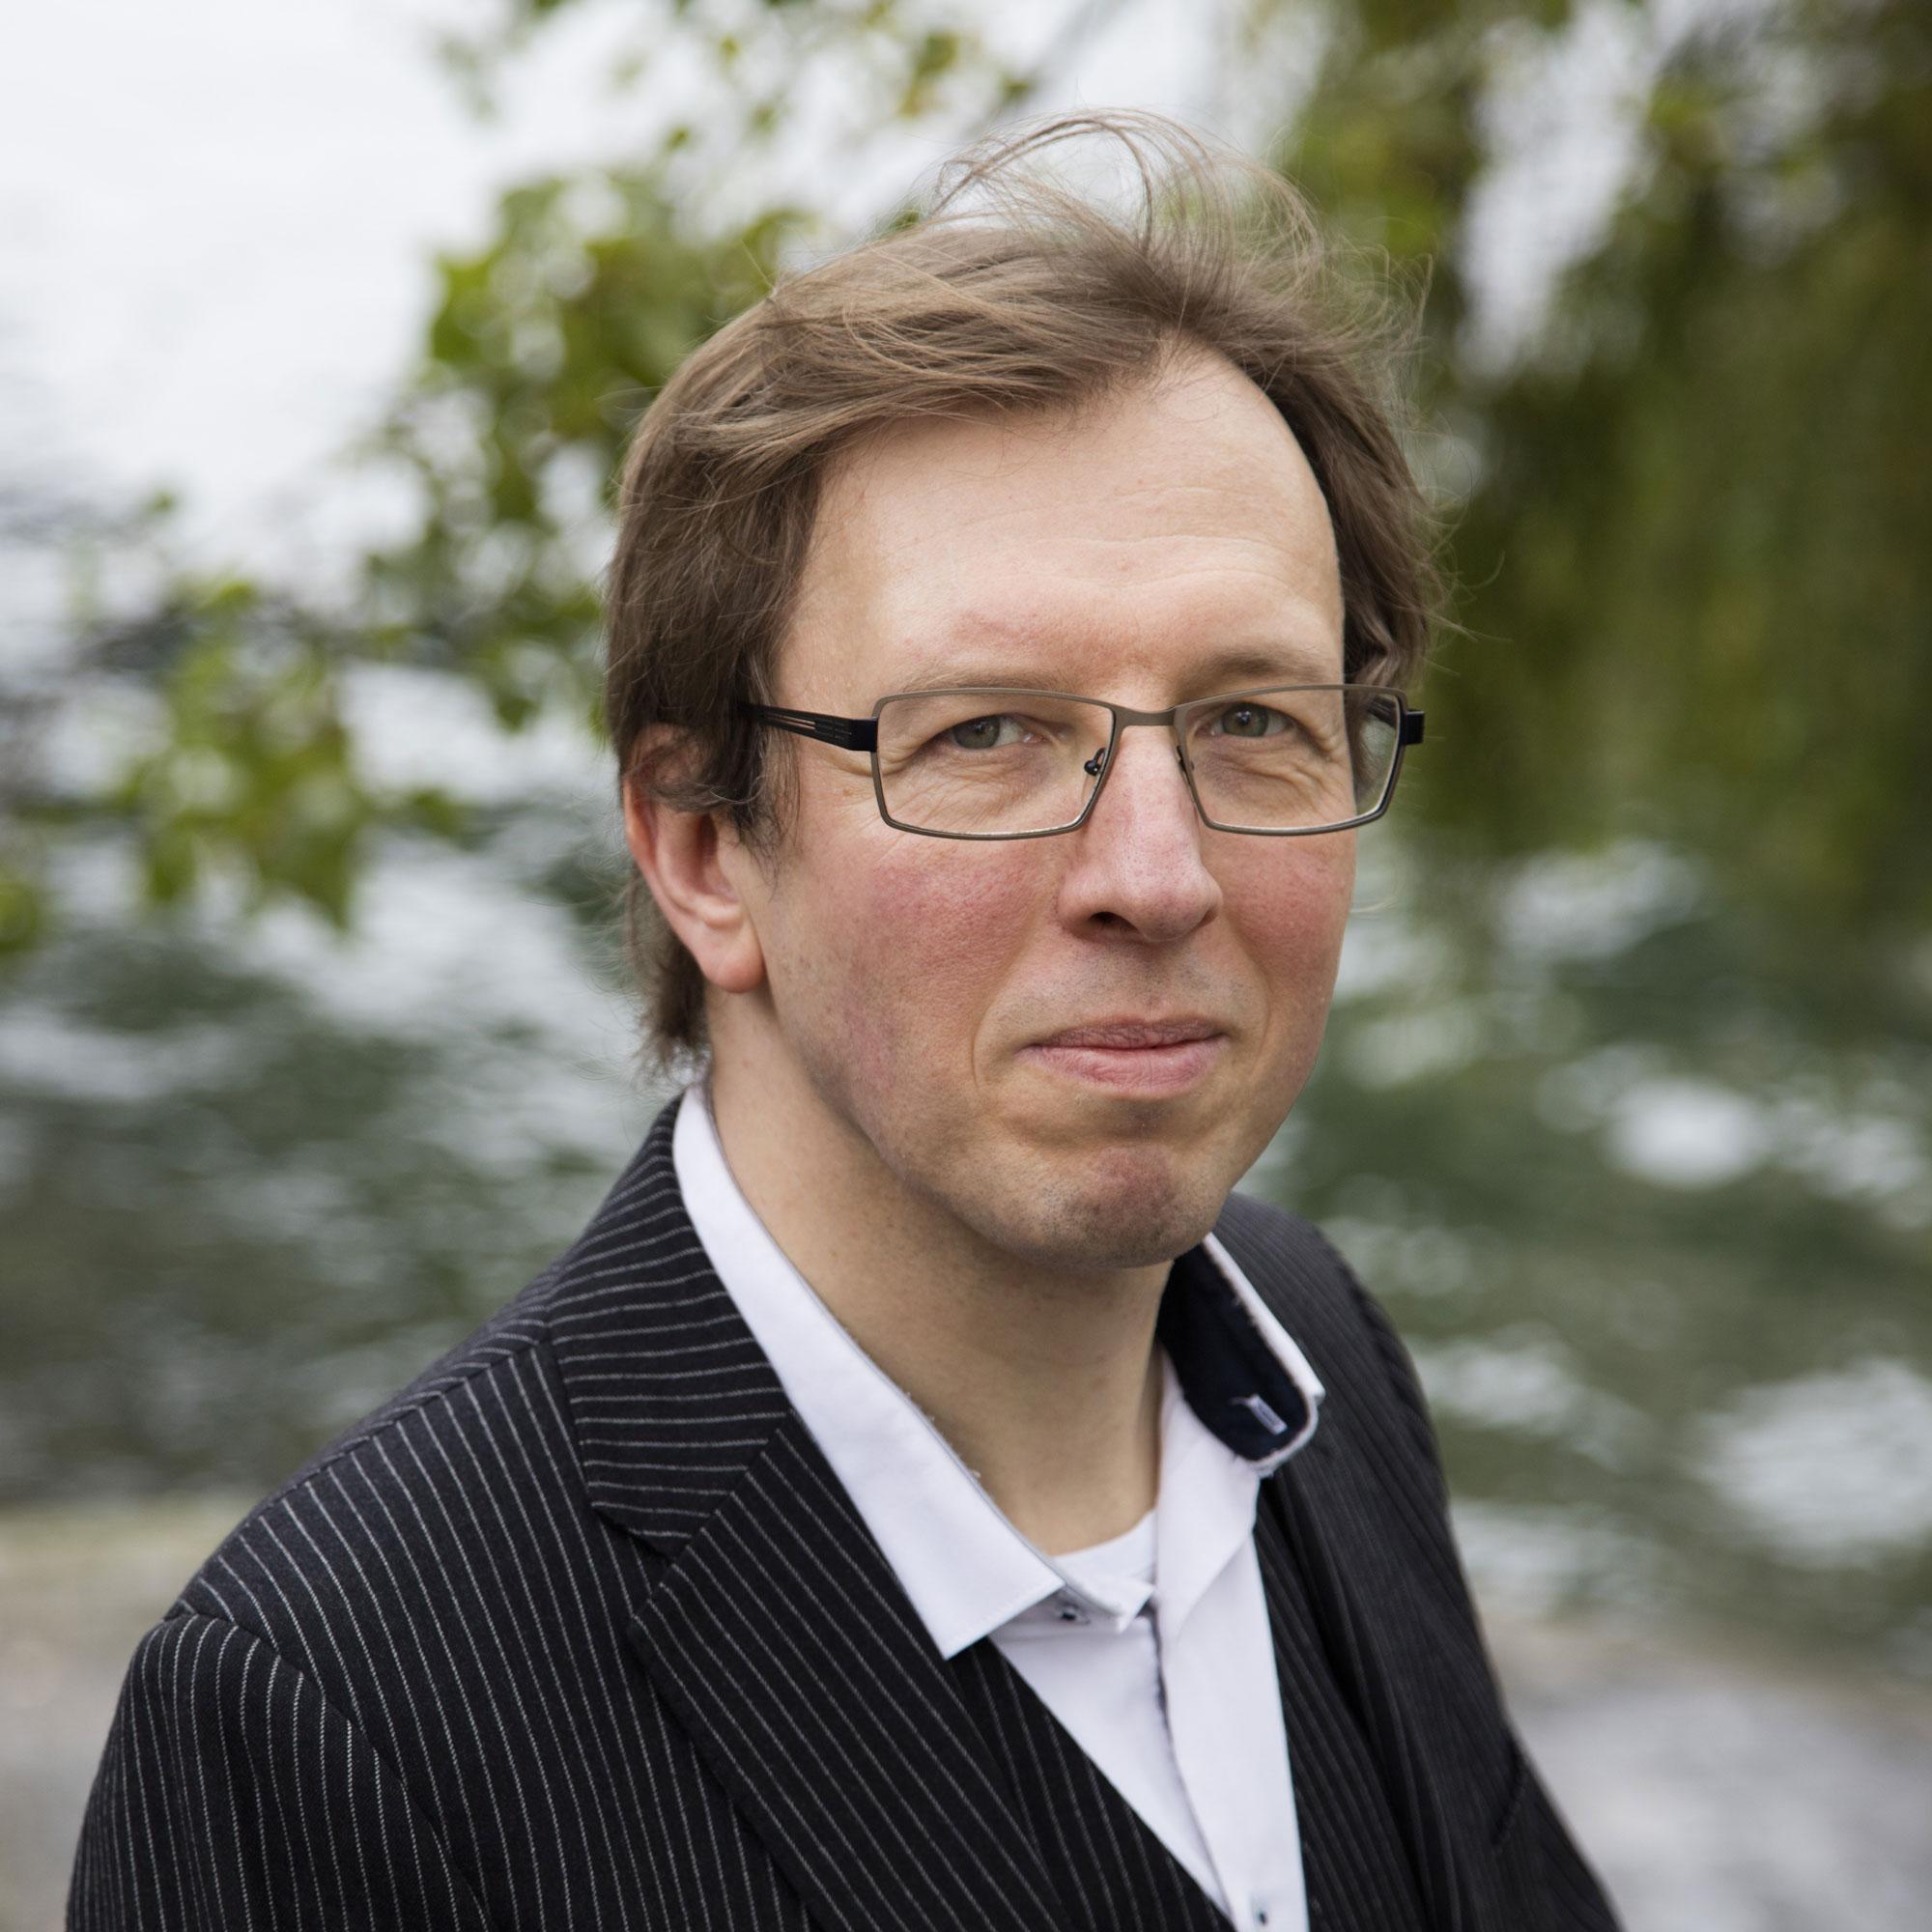 Laurent Demoulin